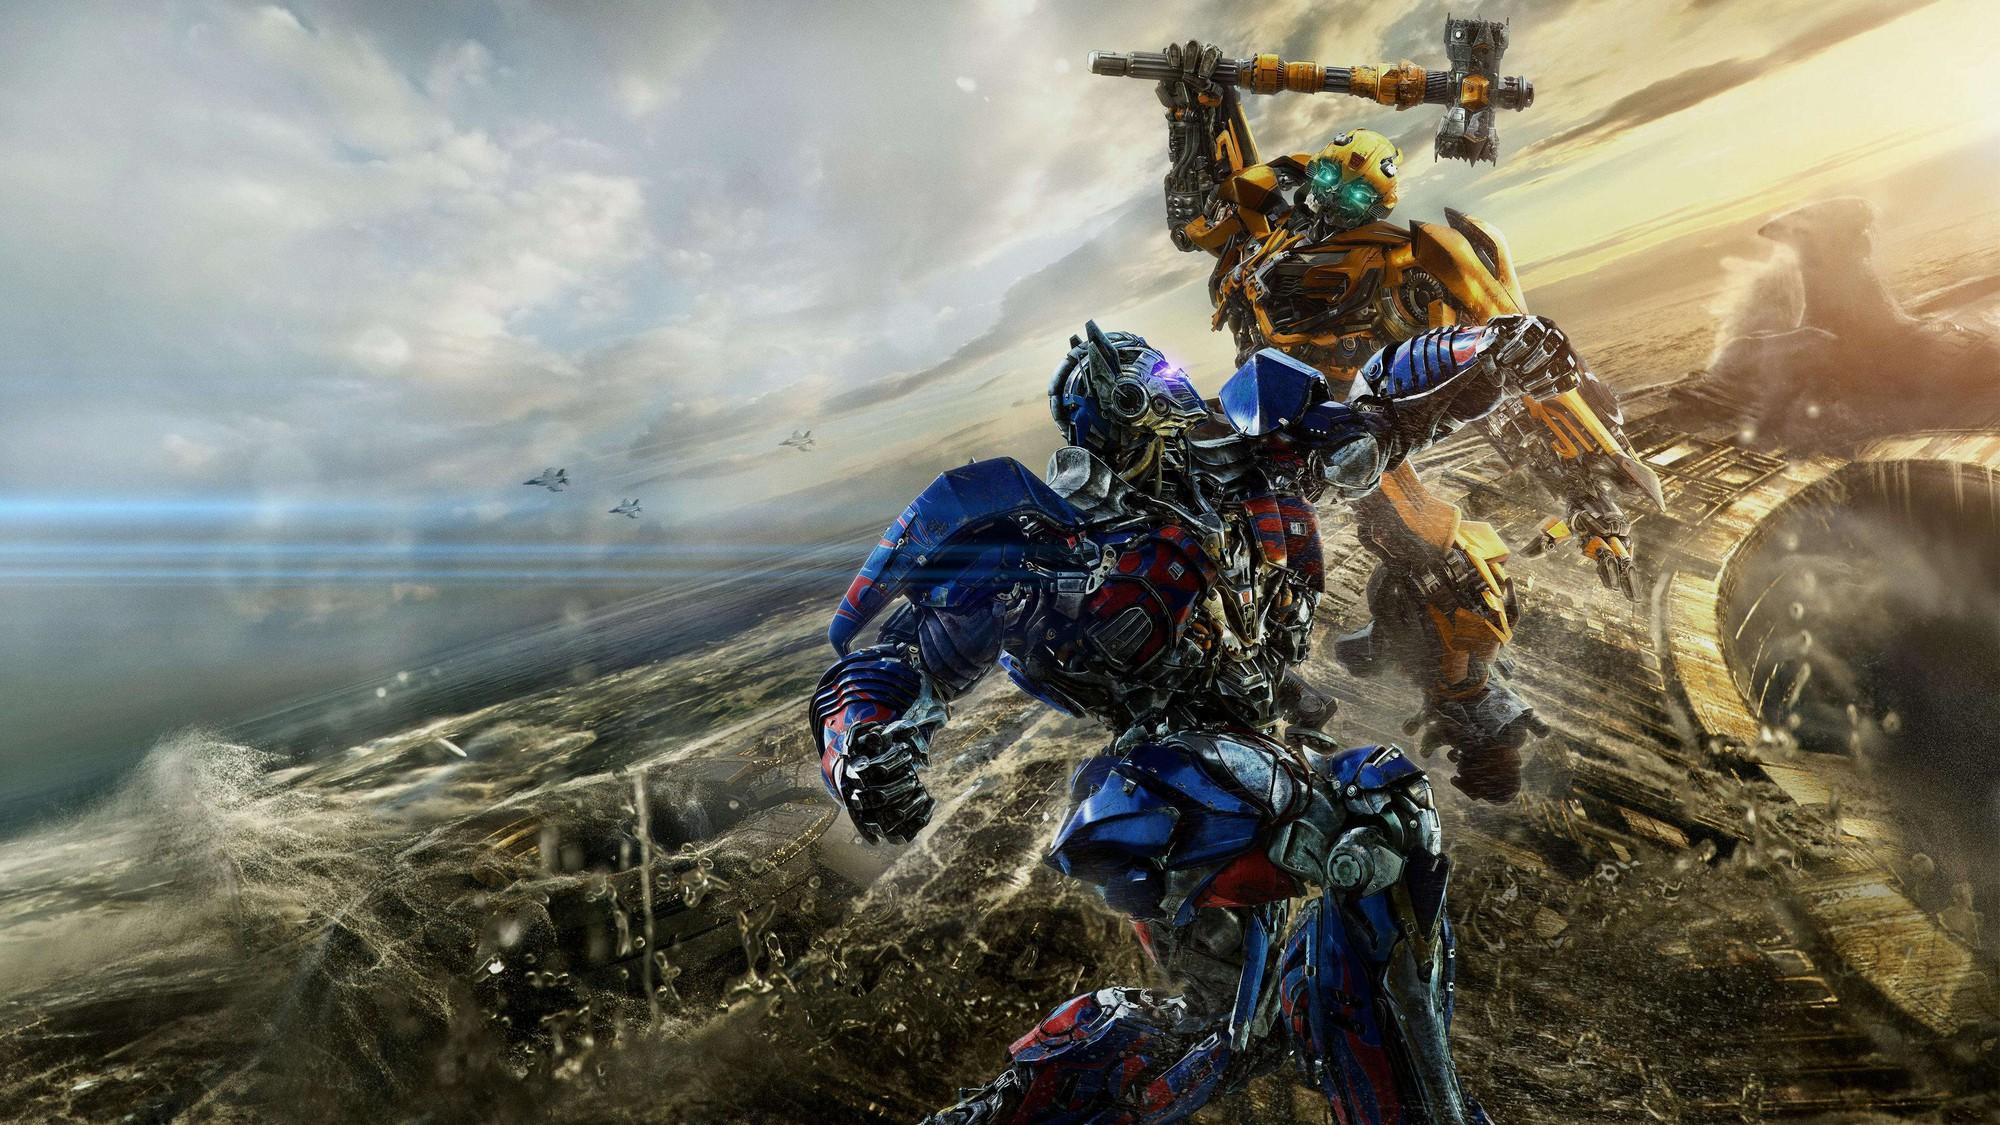 Giải mã dòng thời gian rắc rối của loạt Transformers, từ giờ yên tâm xem phim không sợ hoang mang nữa - Ảnh 8.